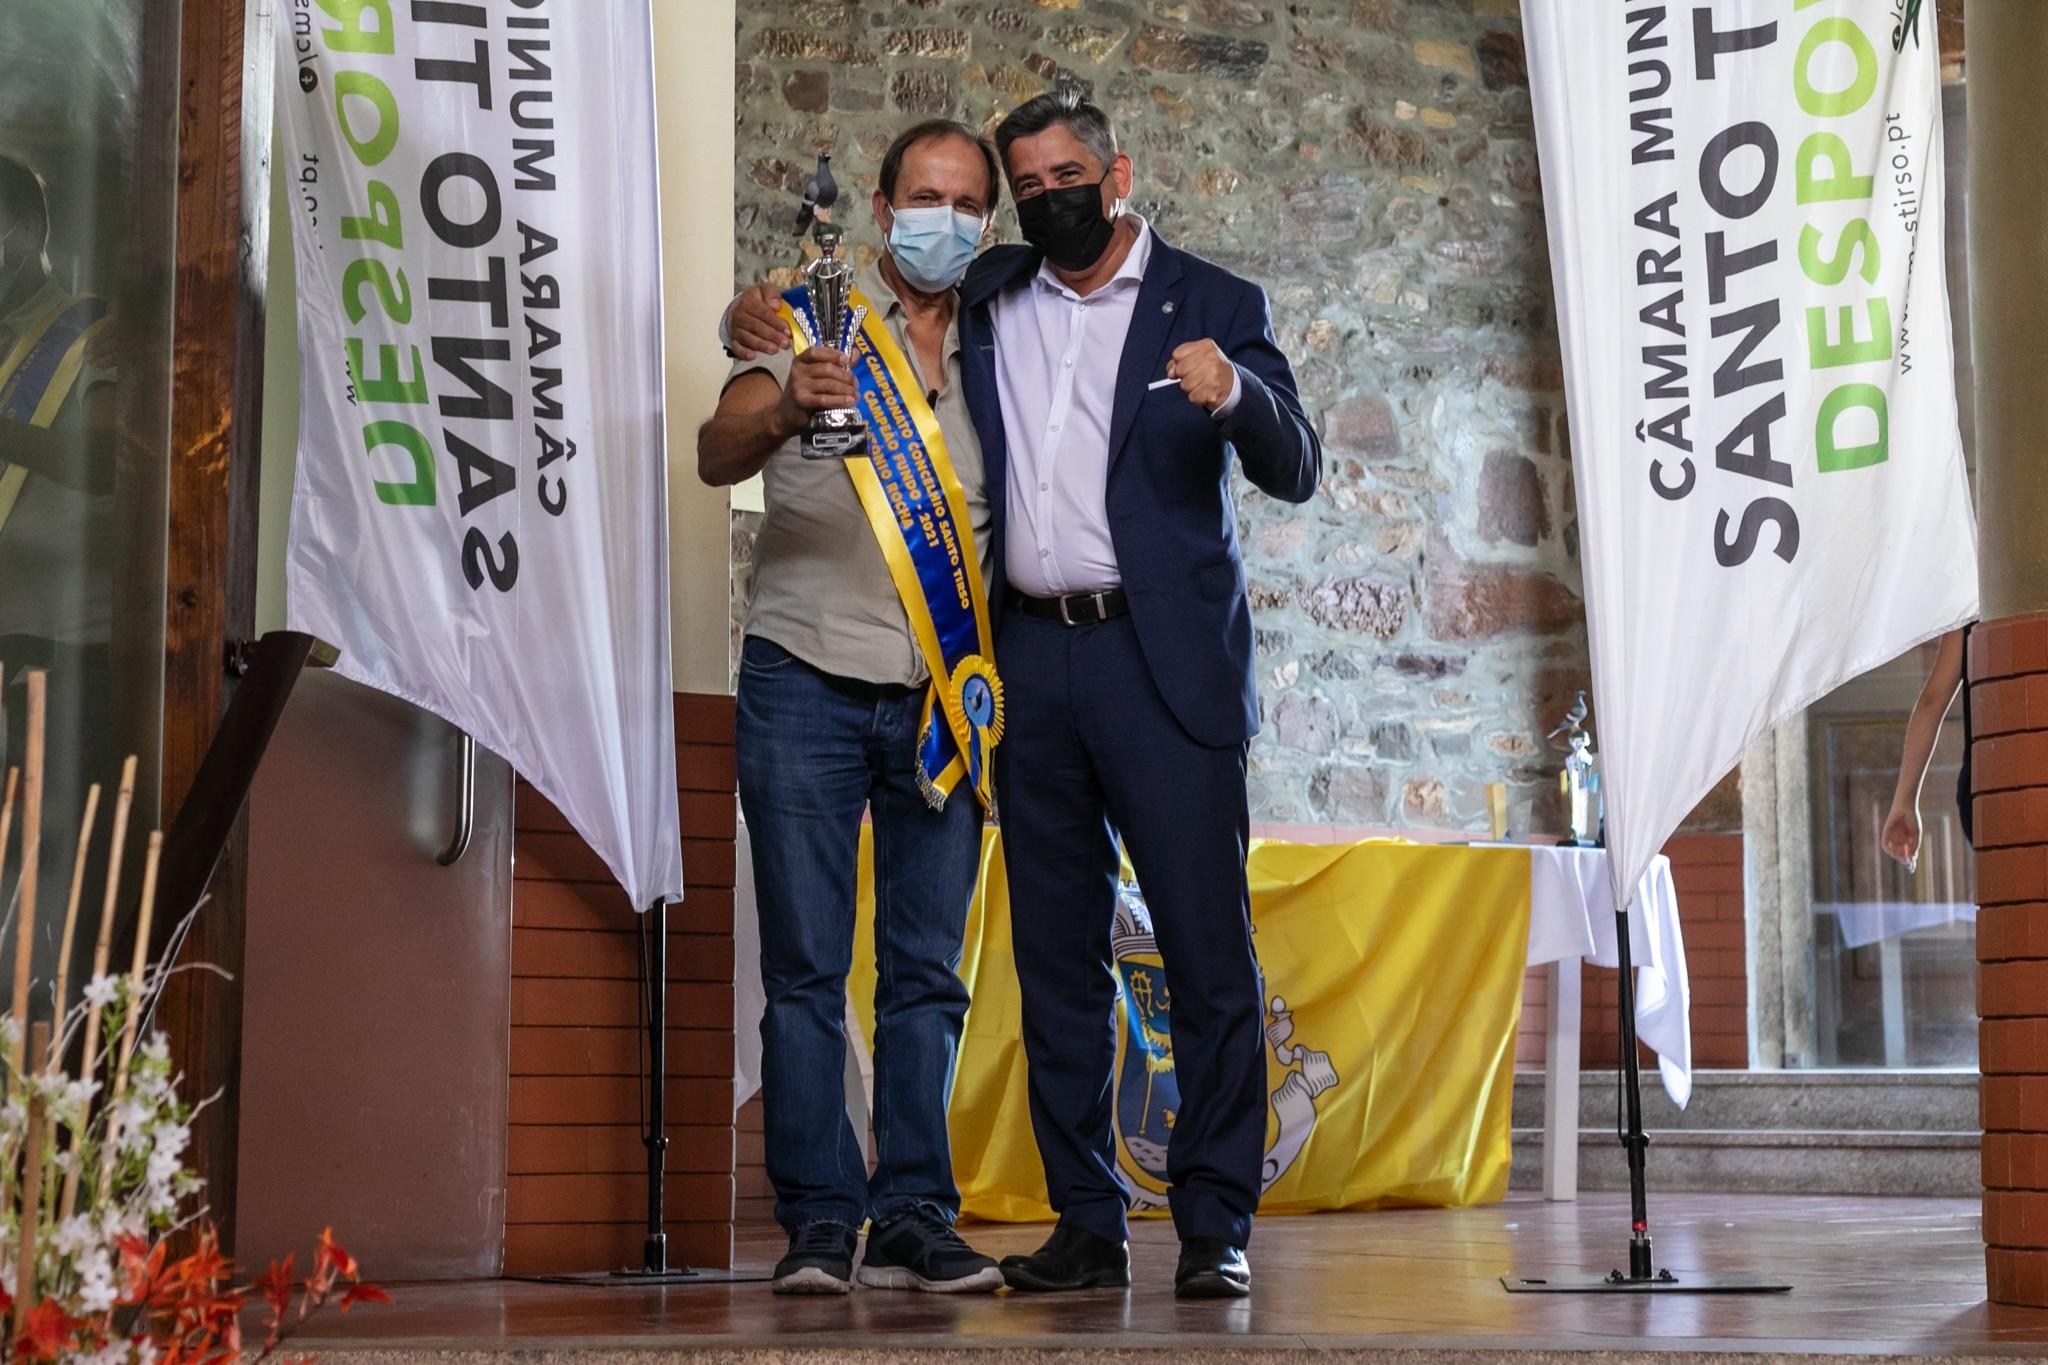 Campeões concelhios de columbofilia receberam prémios da 29ª edição